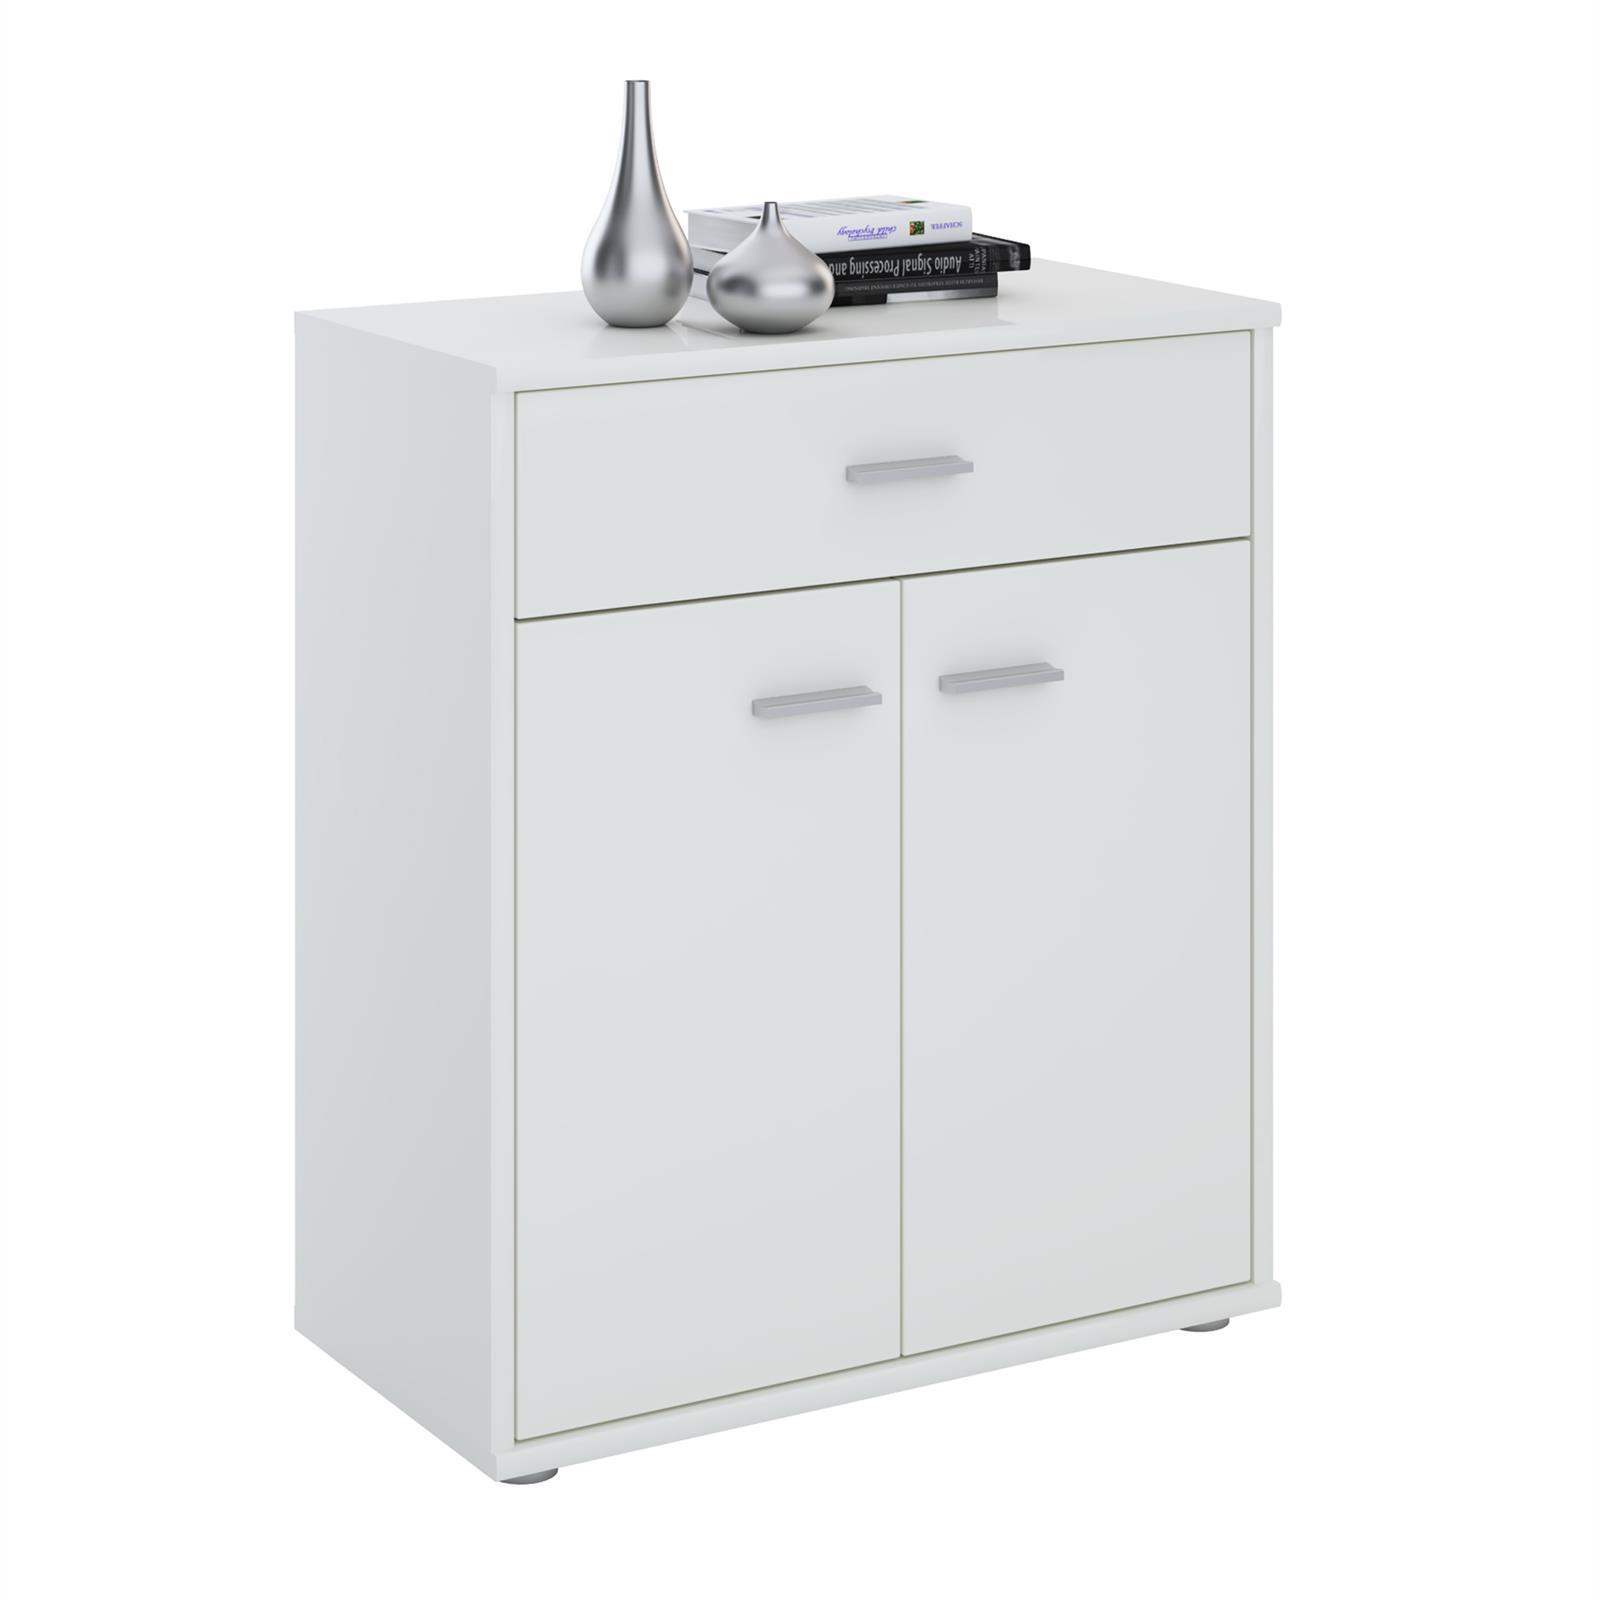 kommode sideboard schrank anrichte versch farben mit schublade design ebay. Black Bedroom Furniture Sets. Home Design Ideas